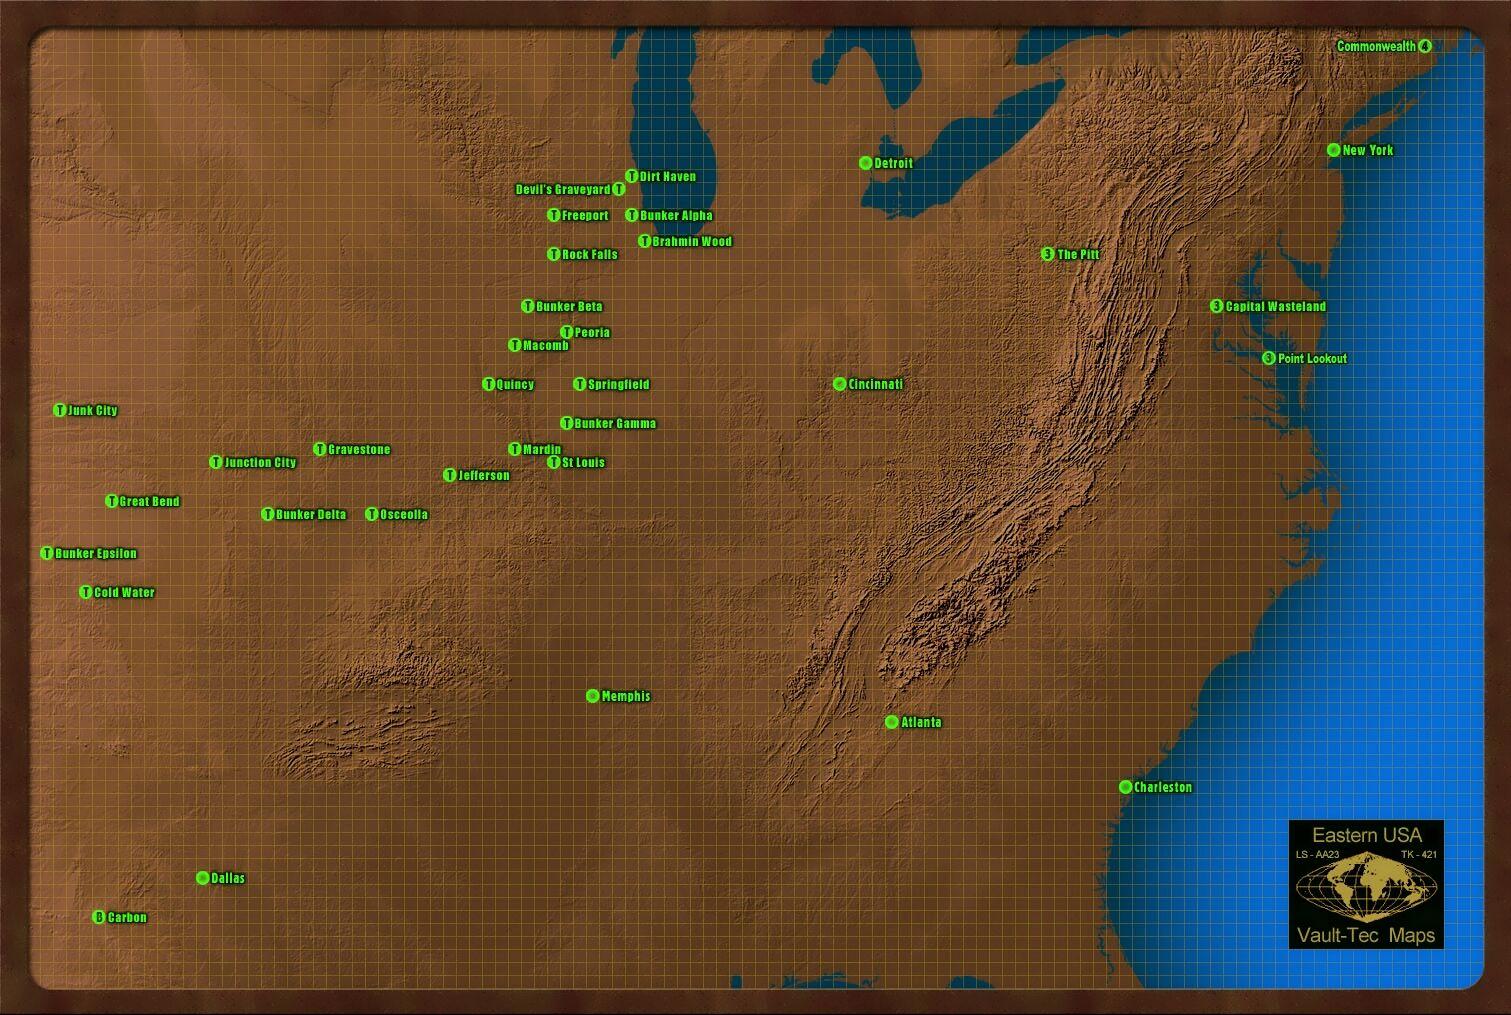 Eastern USA v1.1.jpg